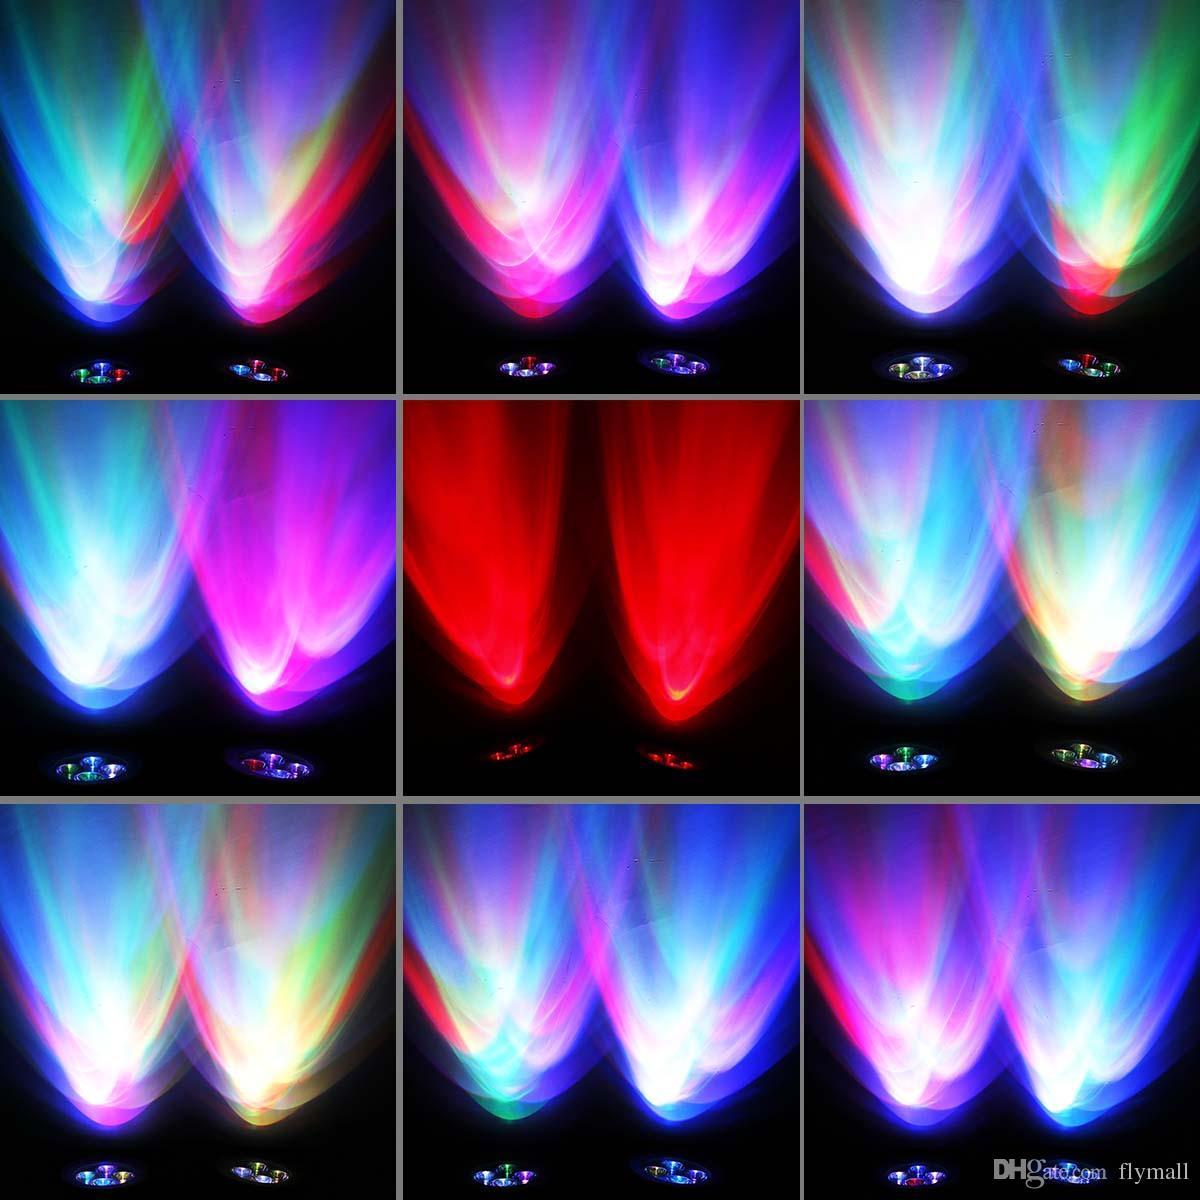 Lumineux Solaire RGB Solaire Led Spotlight alimenté solaire 8 LED Spot Light Lampe solaire étanche 2 Mise à jour de la lumière Version 360 ° Angle Réglable